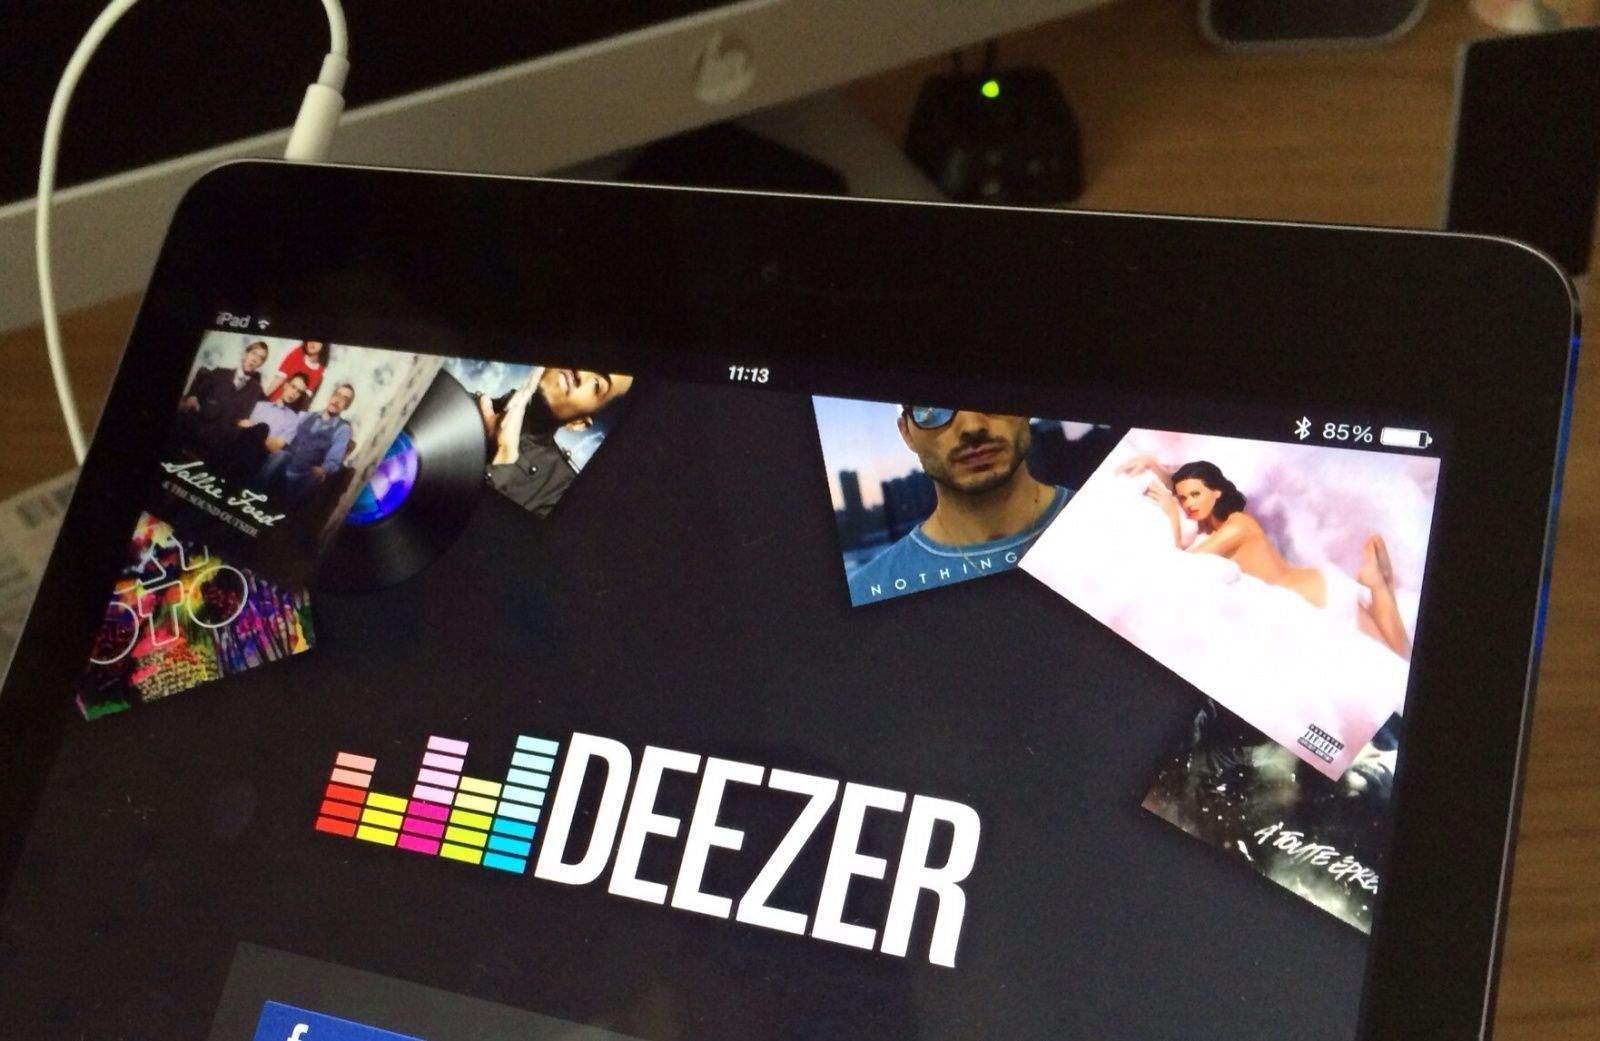 Contacter DEEZER | Assistance, service clients et SAV de #Deezer - Contacter DEEZER | Assistance, service clients et SAV de #Deezer